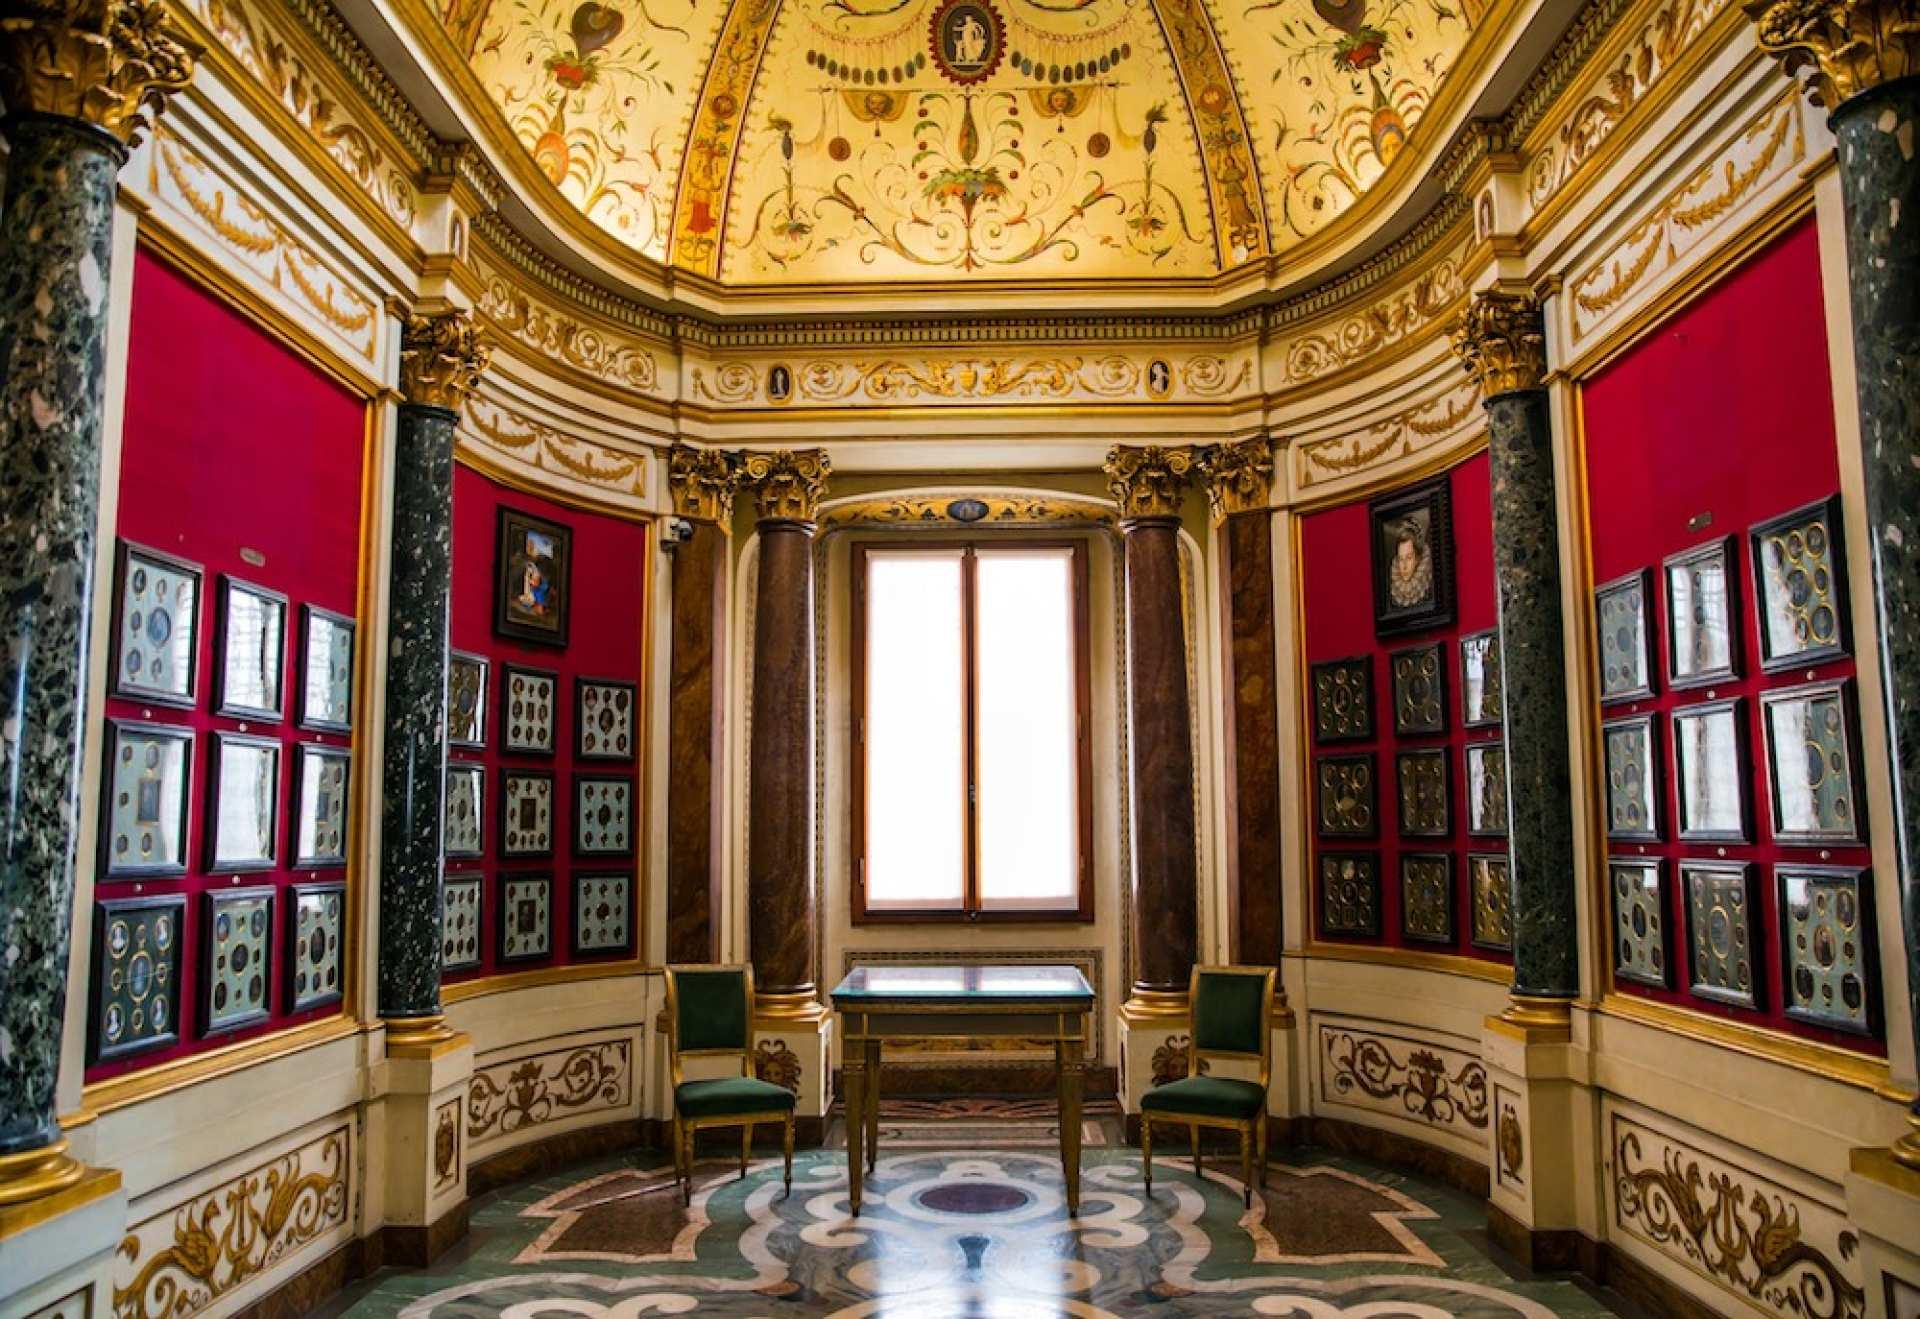 【佛羅倫斯烏菲茲美術館】Uffizi Gallery 快速通關入場券